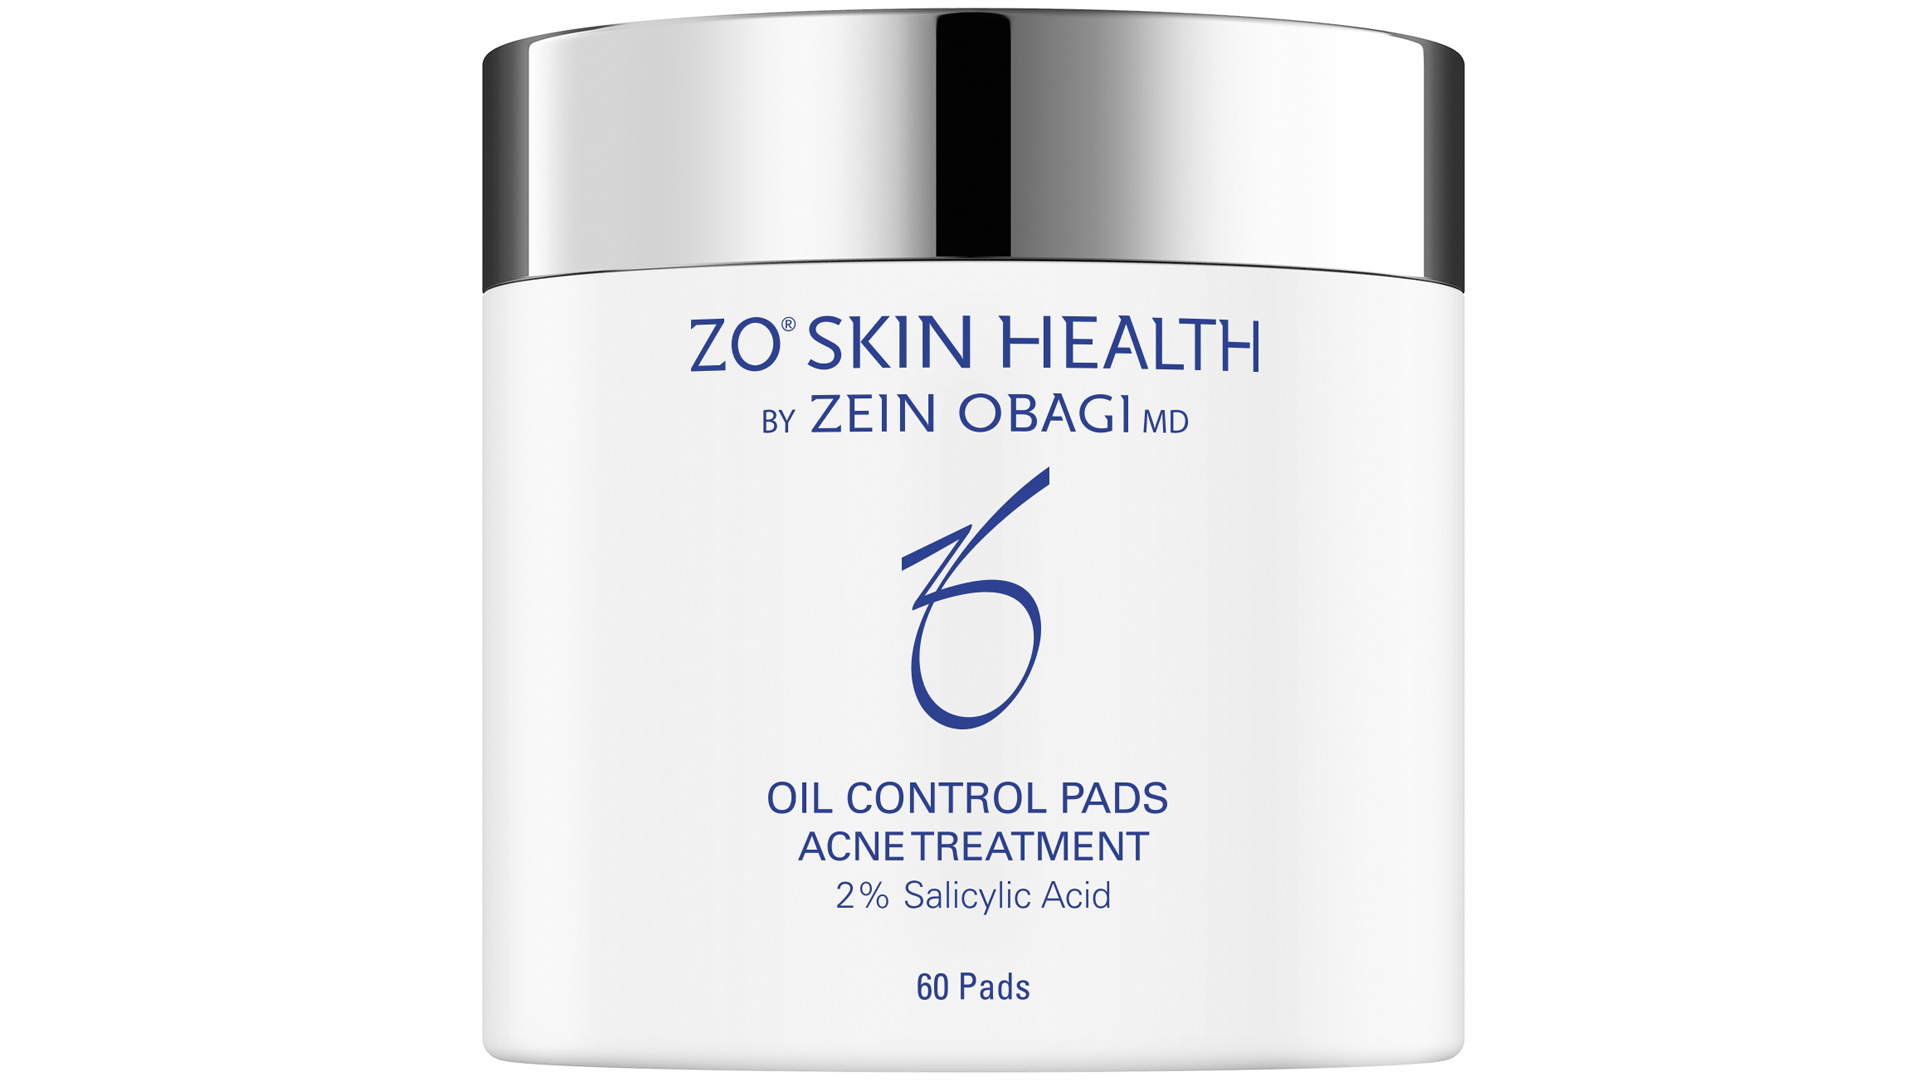 Zo Skin Health puhdistuslaput